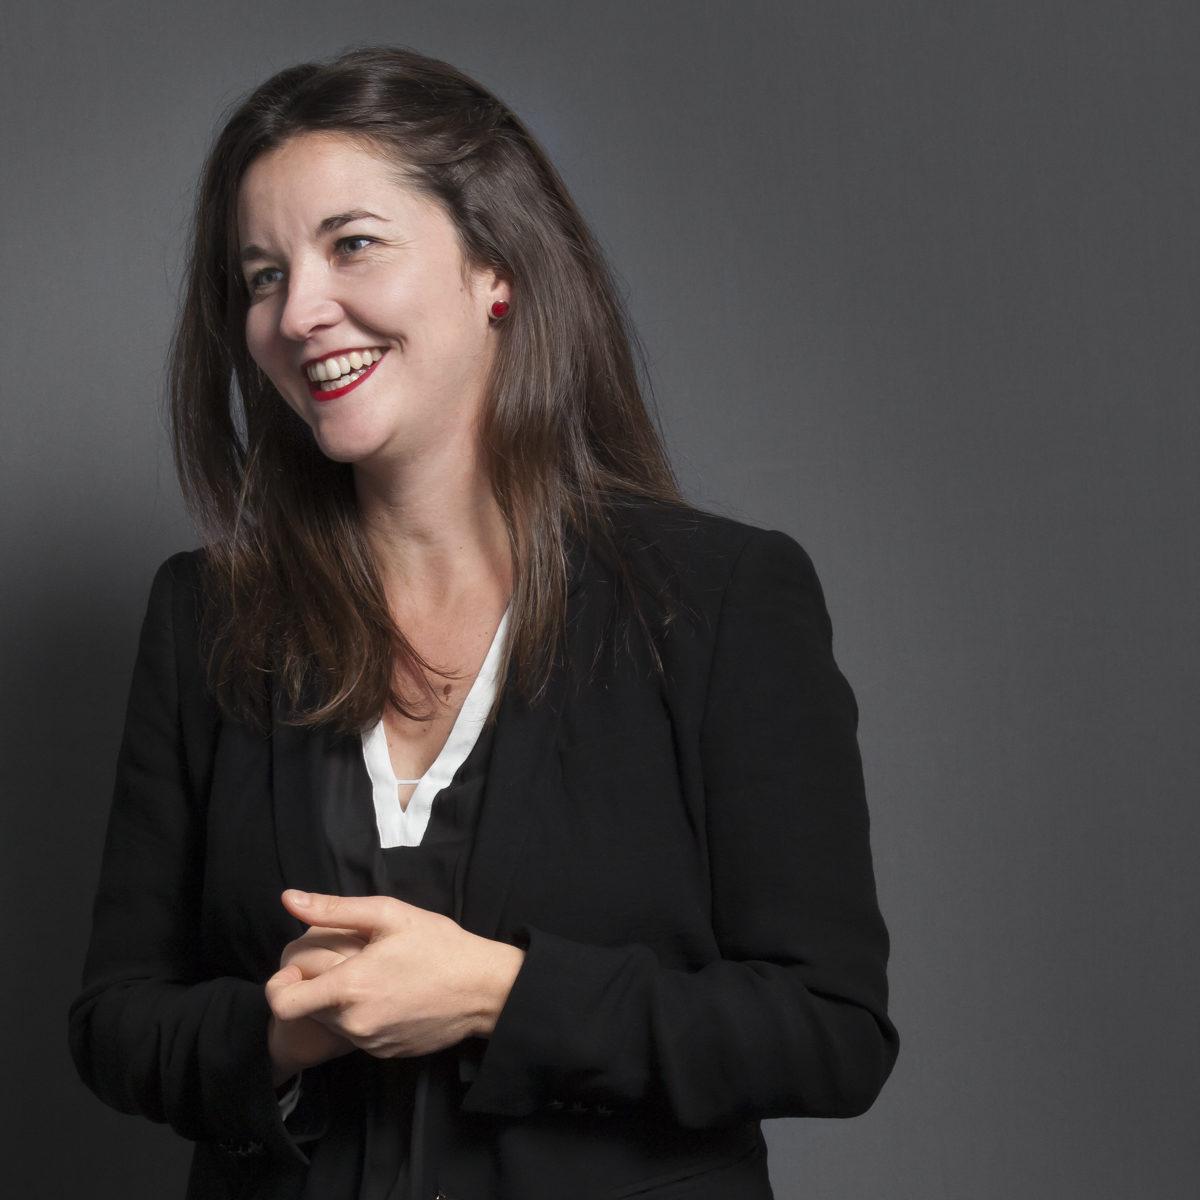 Jeannie Mongouachon avocate partenaire de v pour verdict